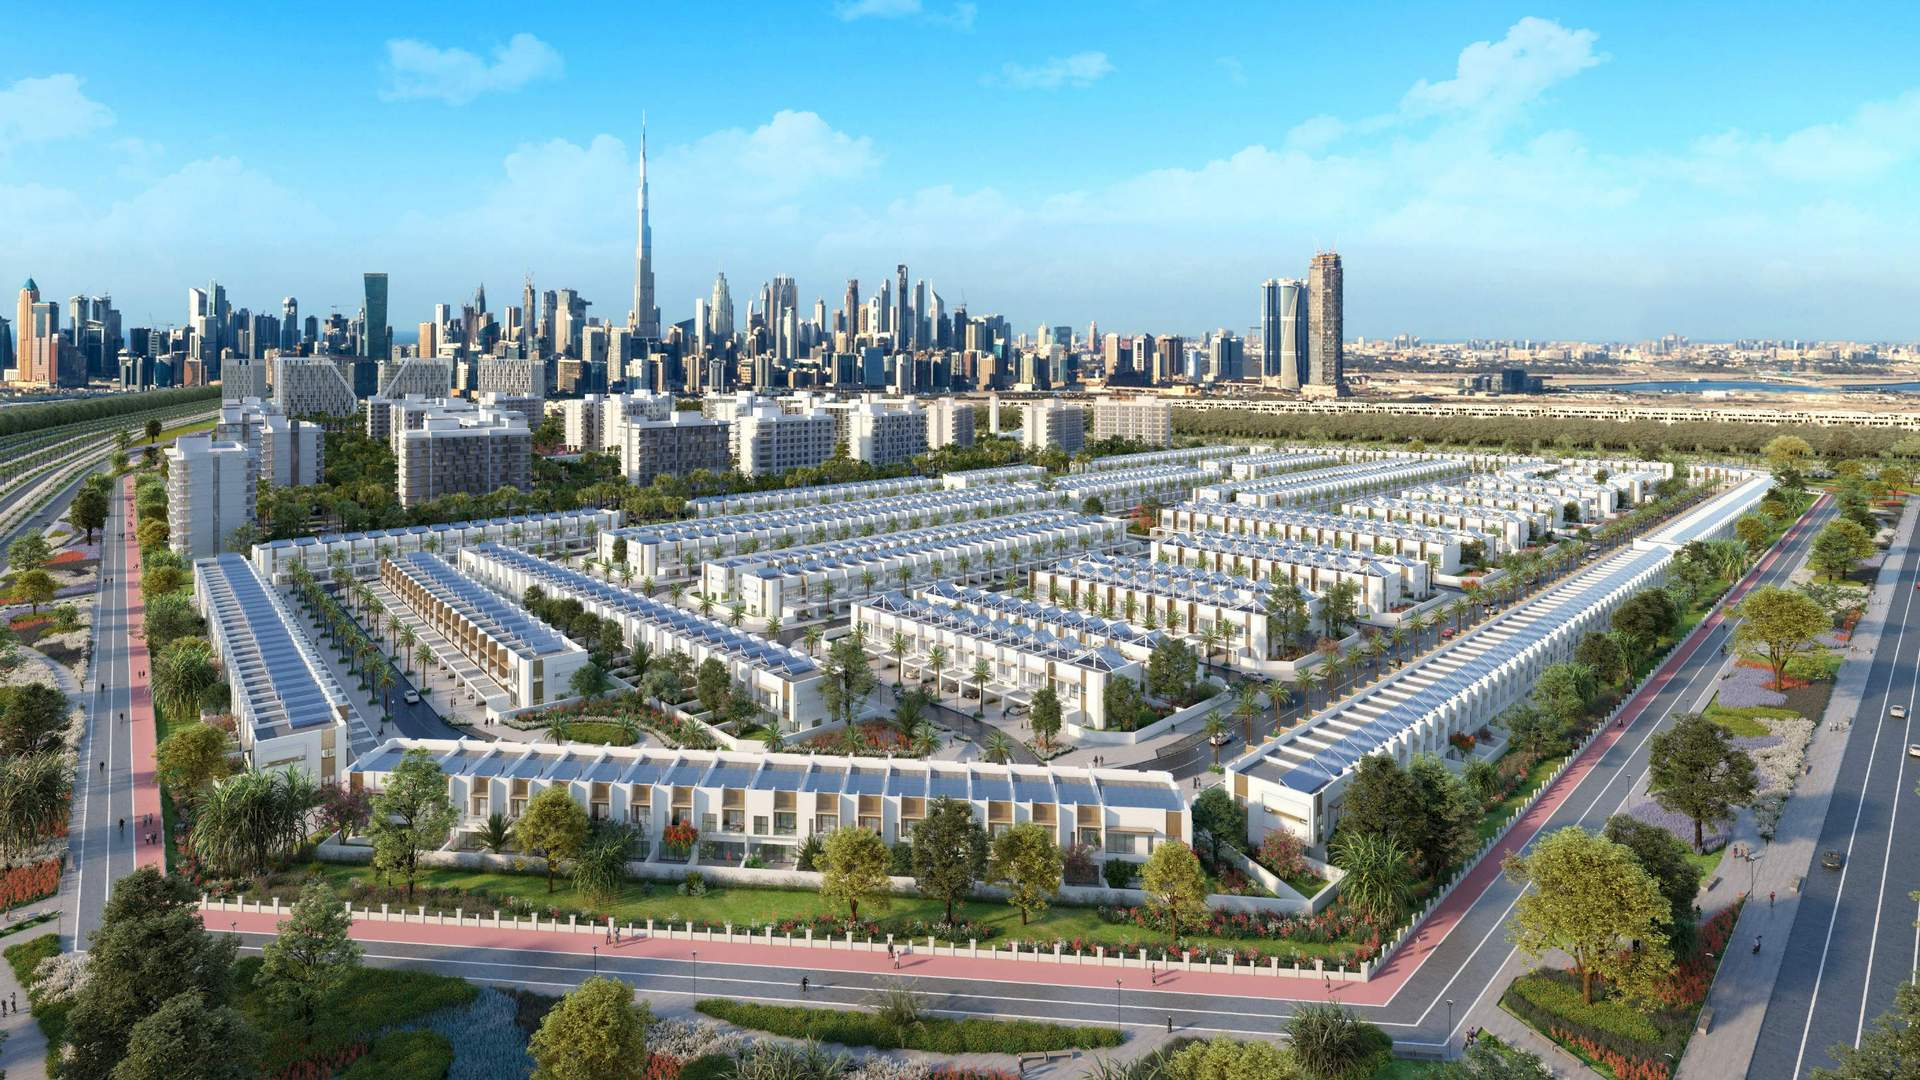 Adosado en venta en Dubai, EAU, 4 dormitorios, 418 m2, № 24056 – foto 3